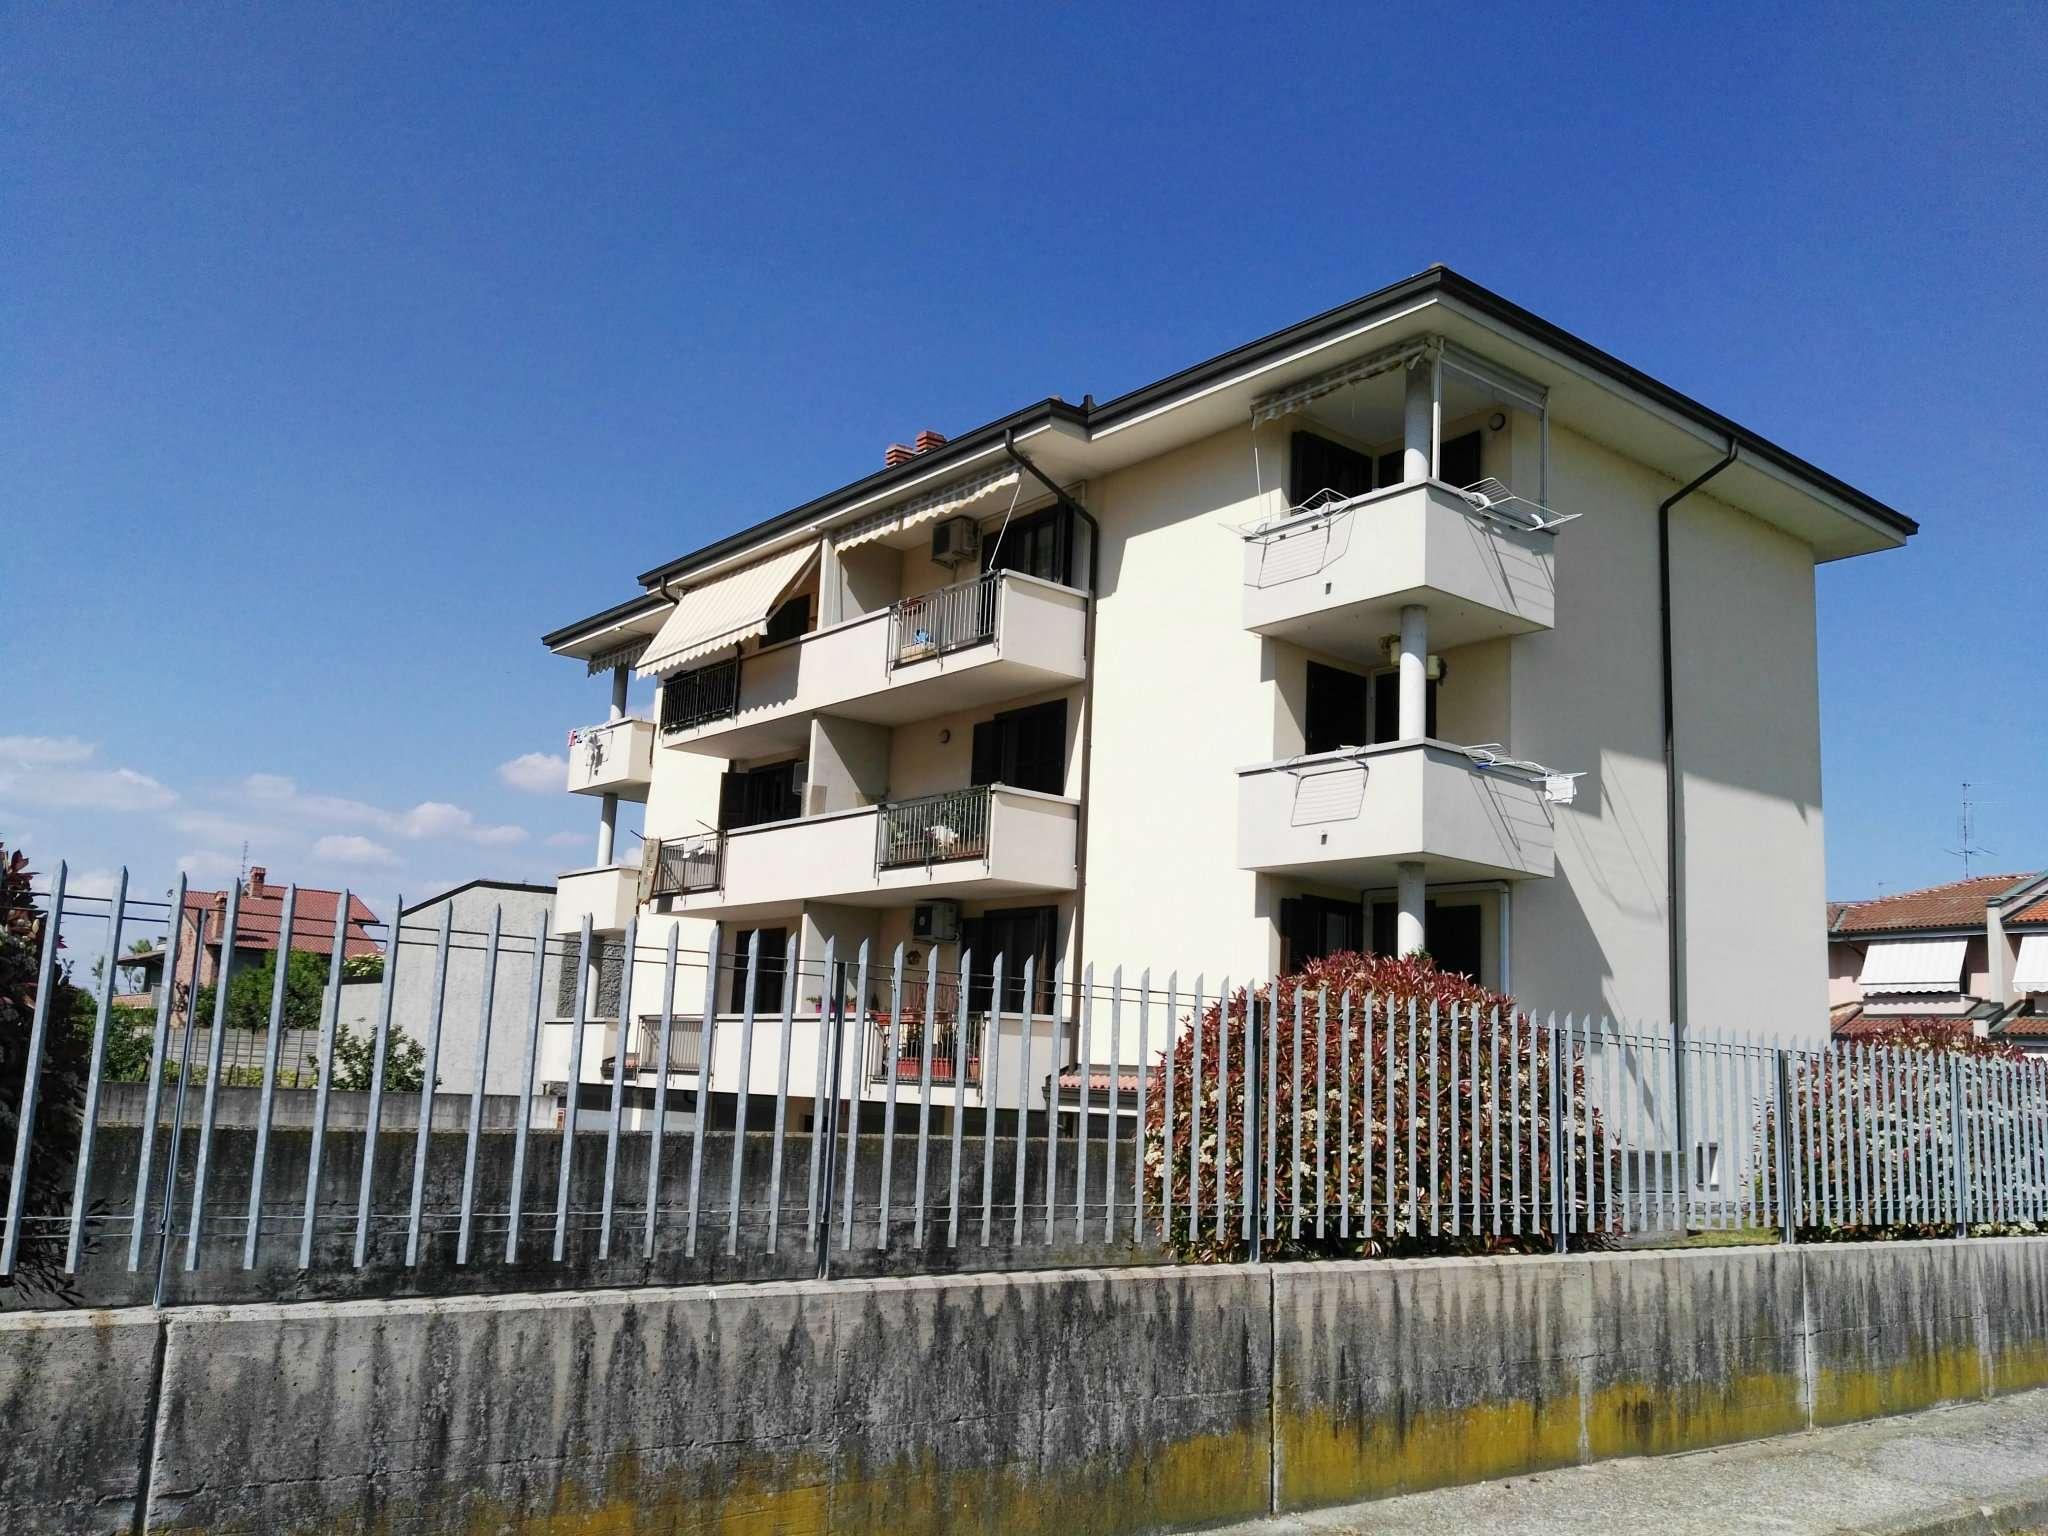 Trecate zona residenziale, splendido appartamento mono/bilo completamente arredato con box e cantina